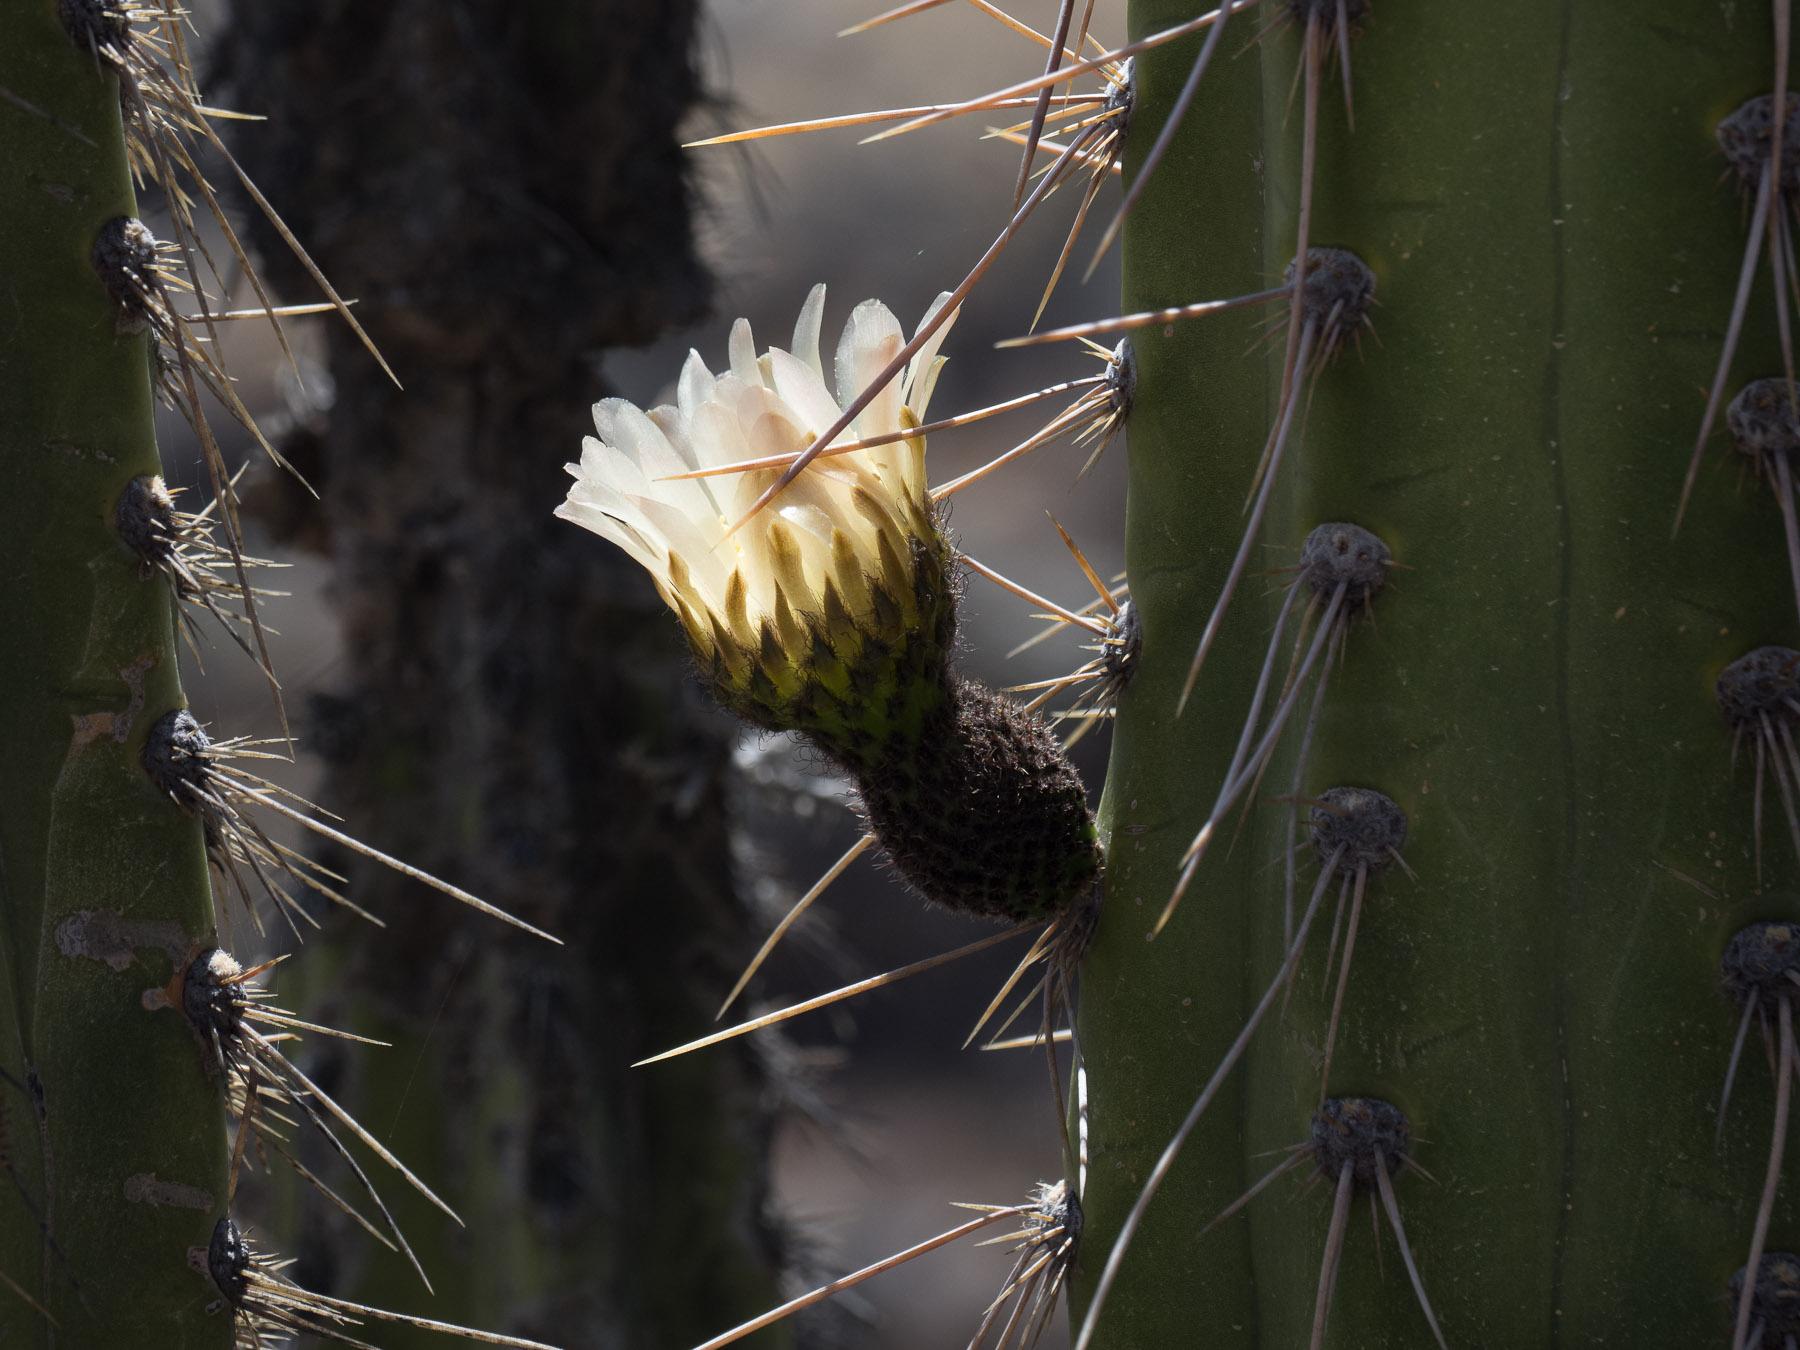 Wunderschöne Kaktusblüte in weiß…